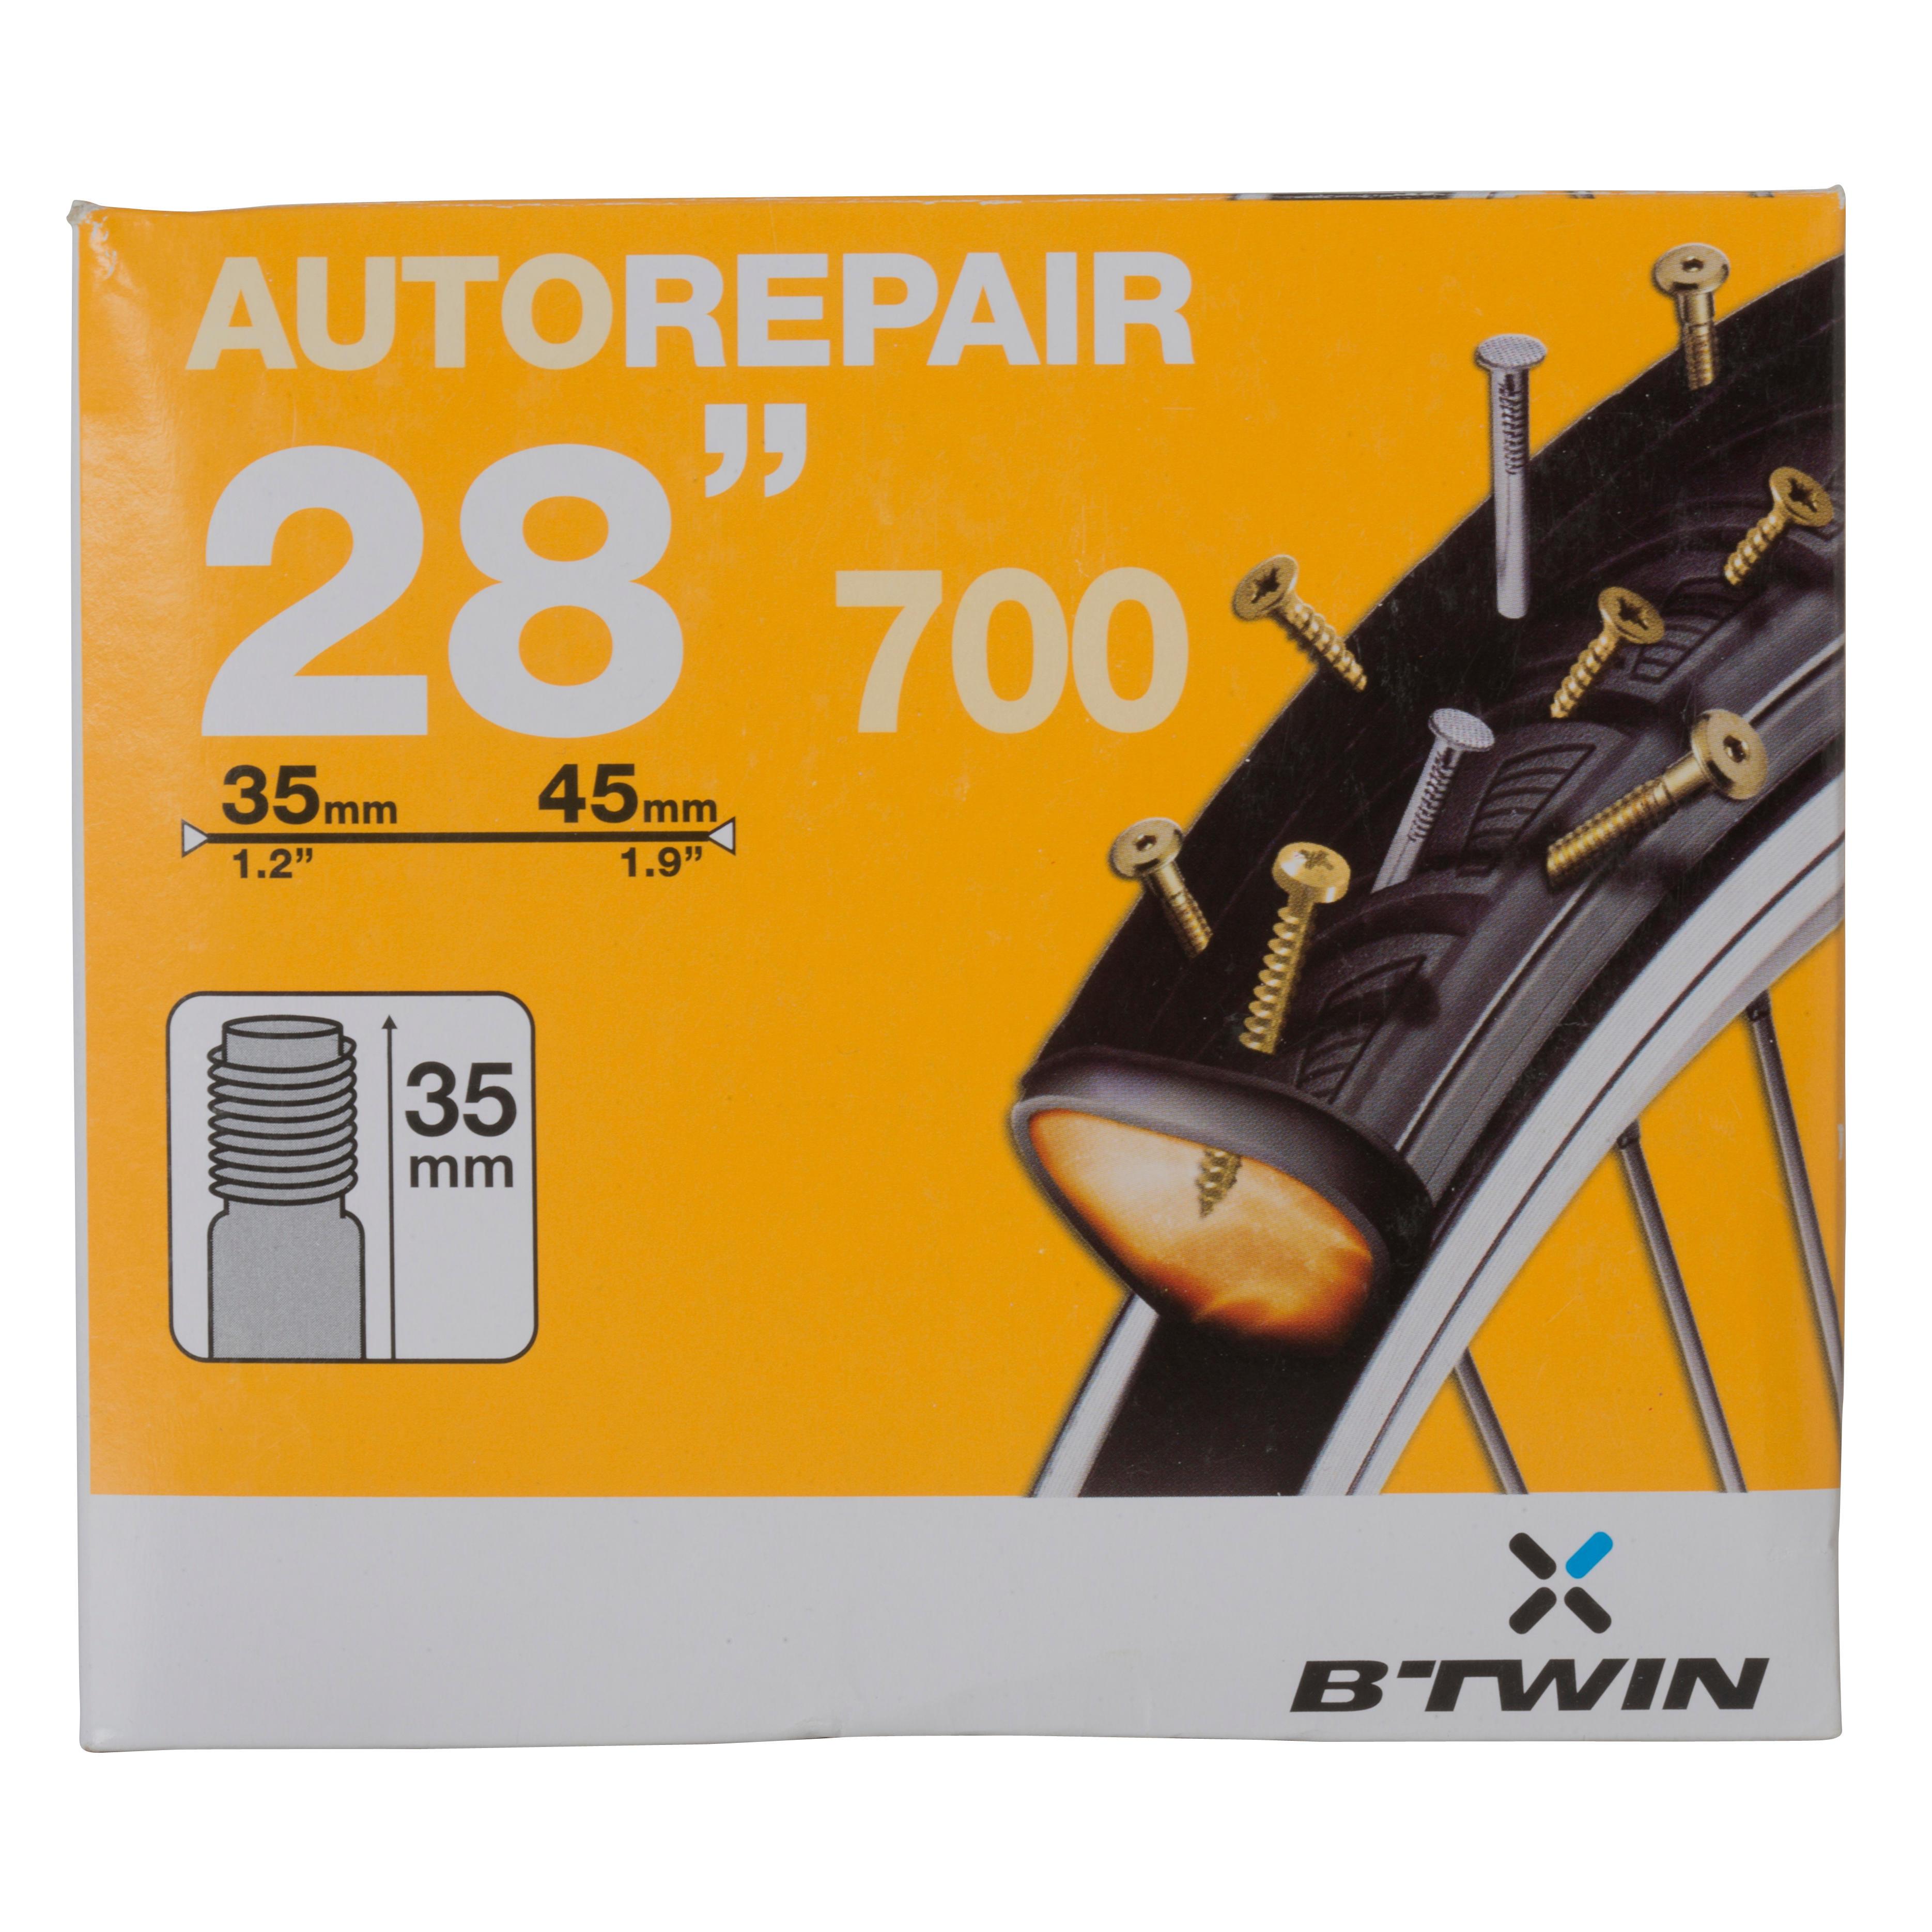 700x35 / 45 Self-Repairing...